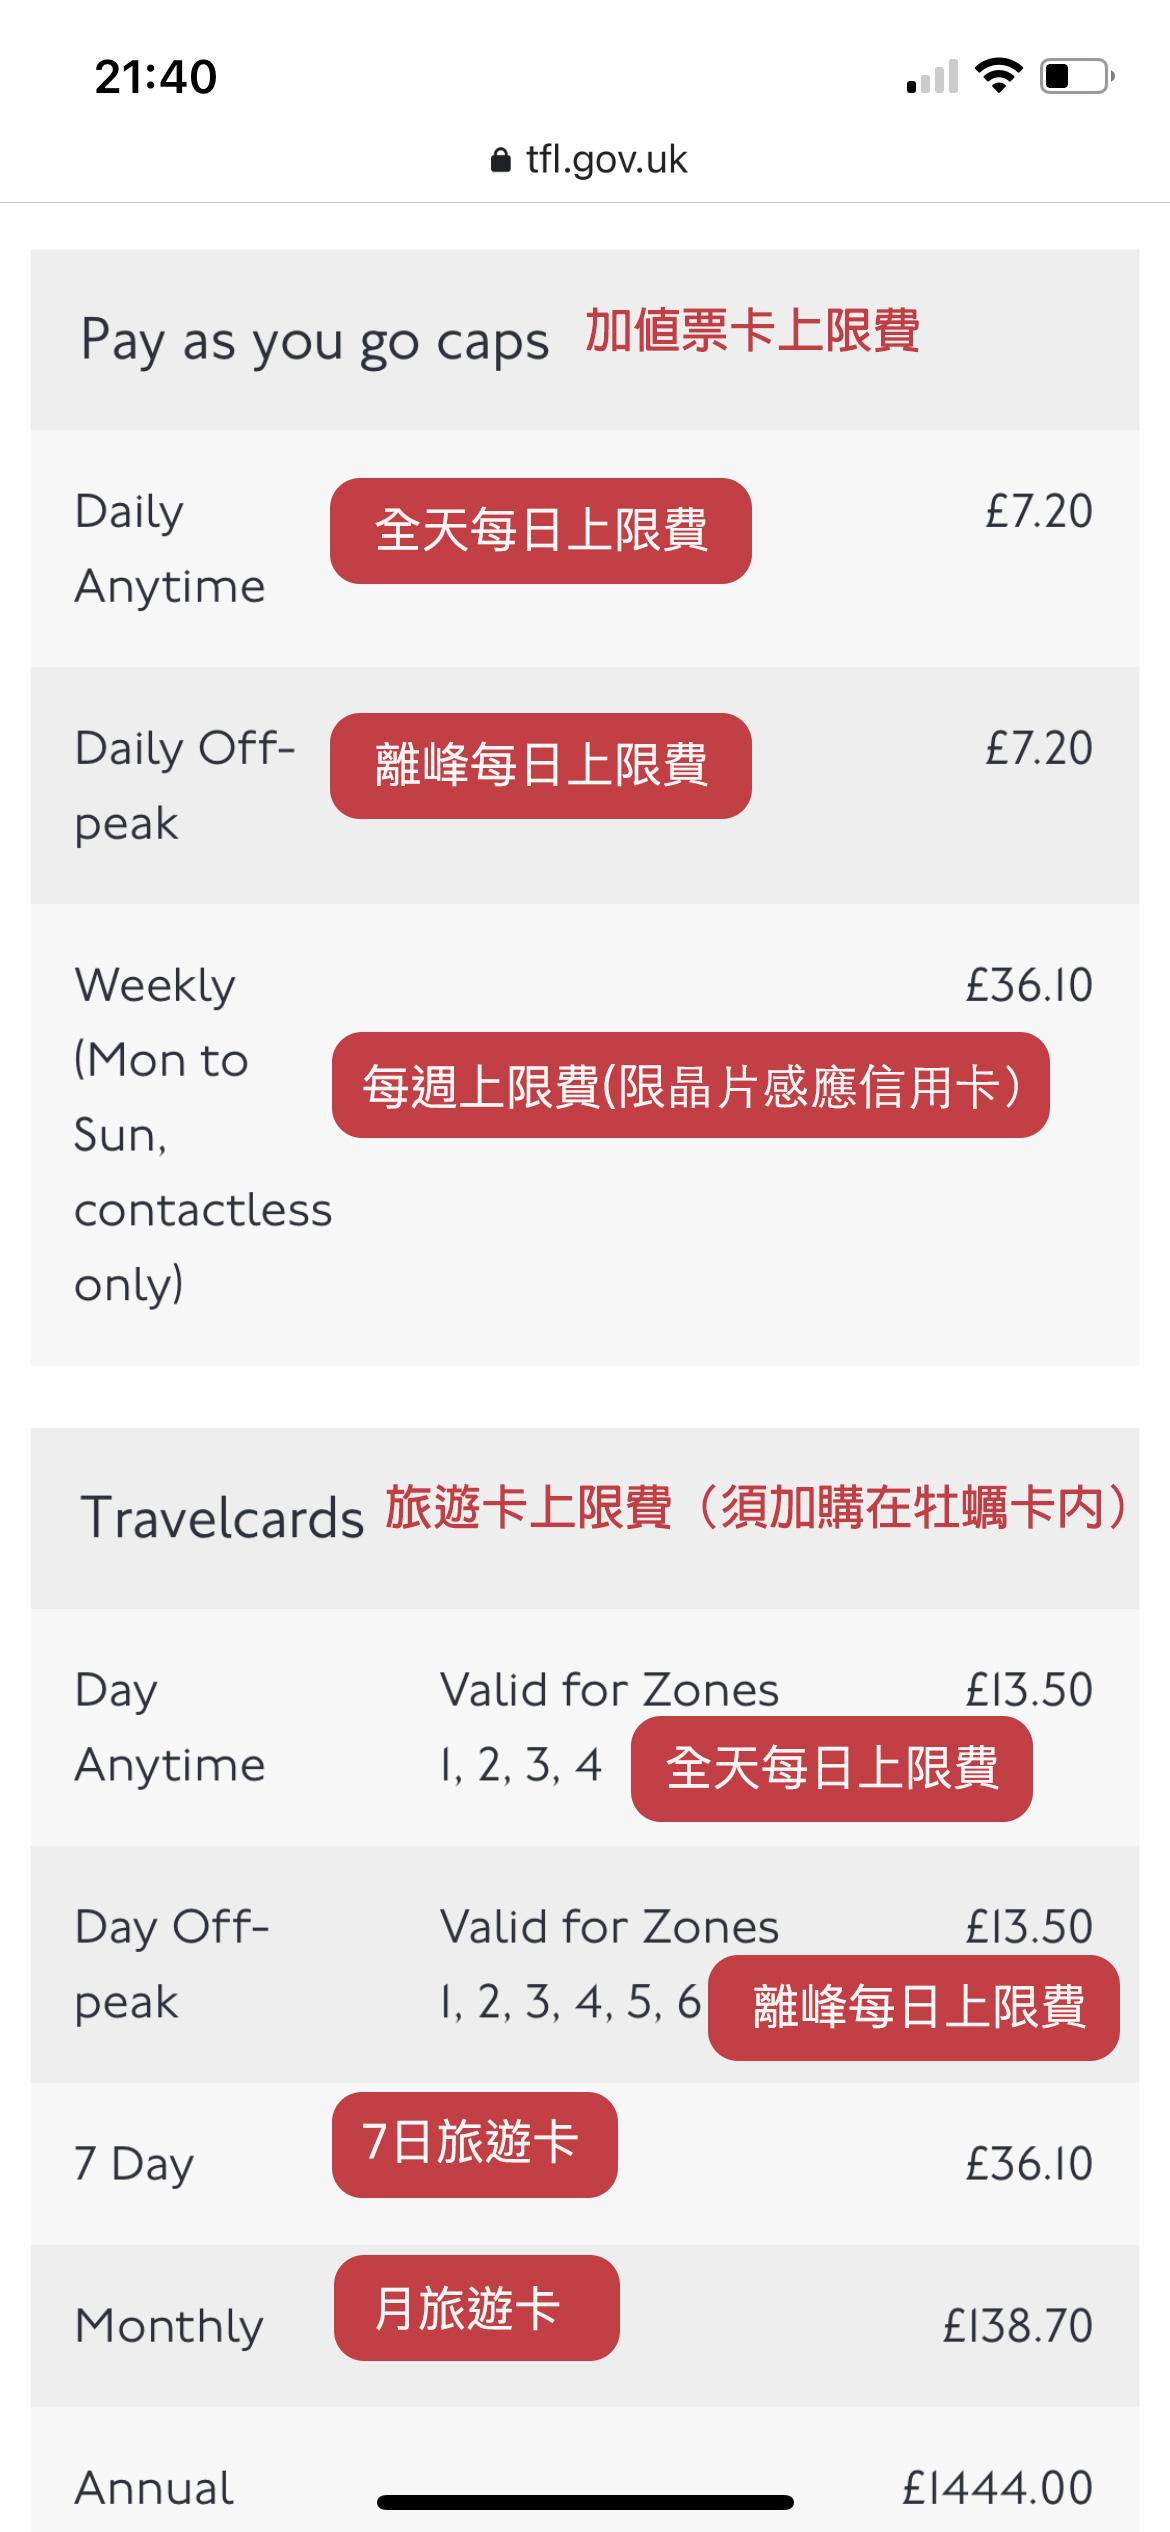 倫敦地鐵 怎麼搭?查詢票價教學-《倫敦交通局》查詢尖峰和離峰票價金額